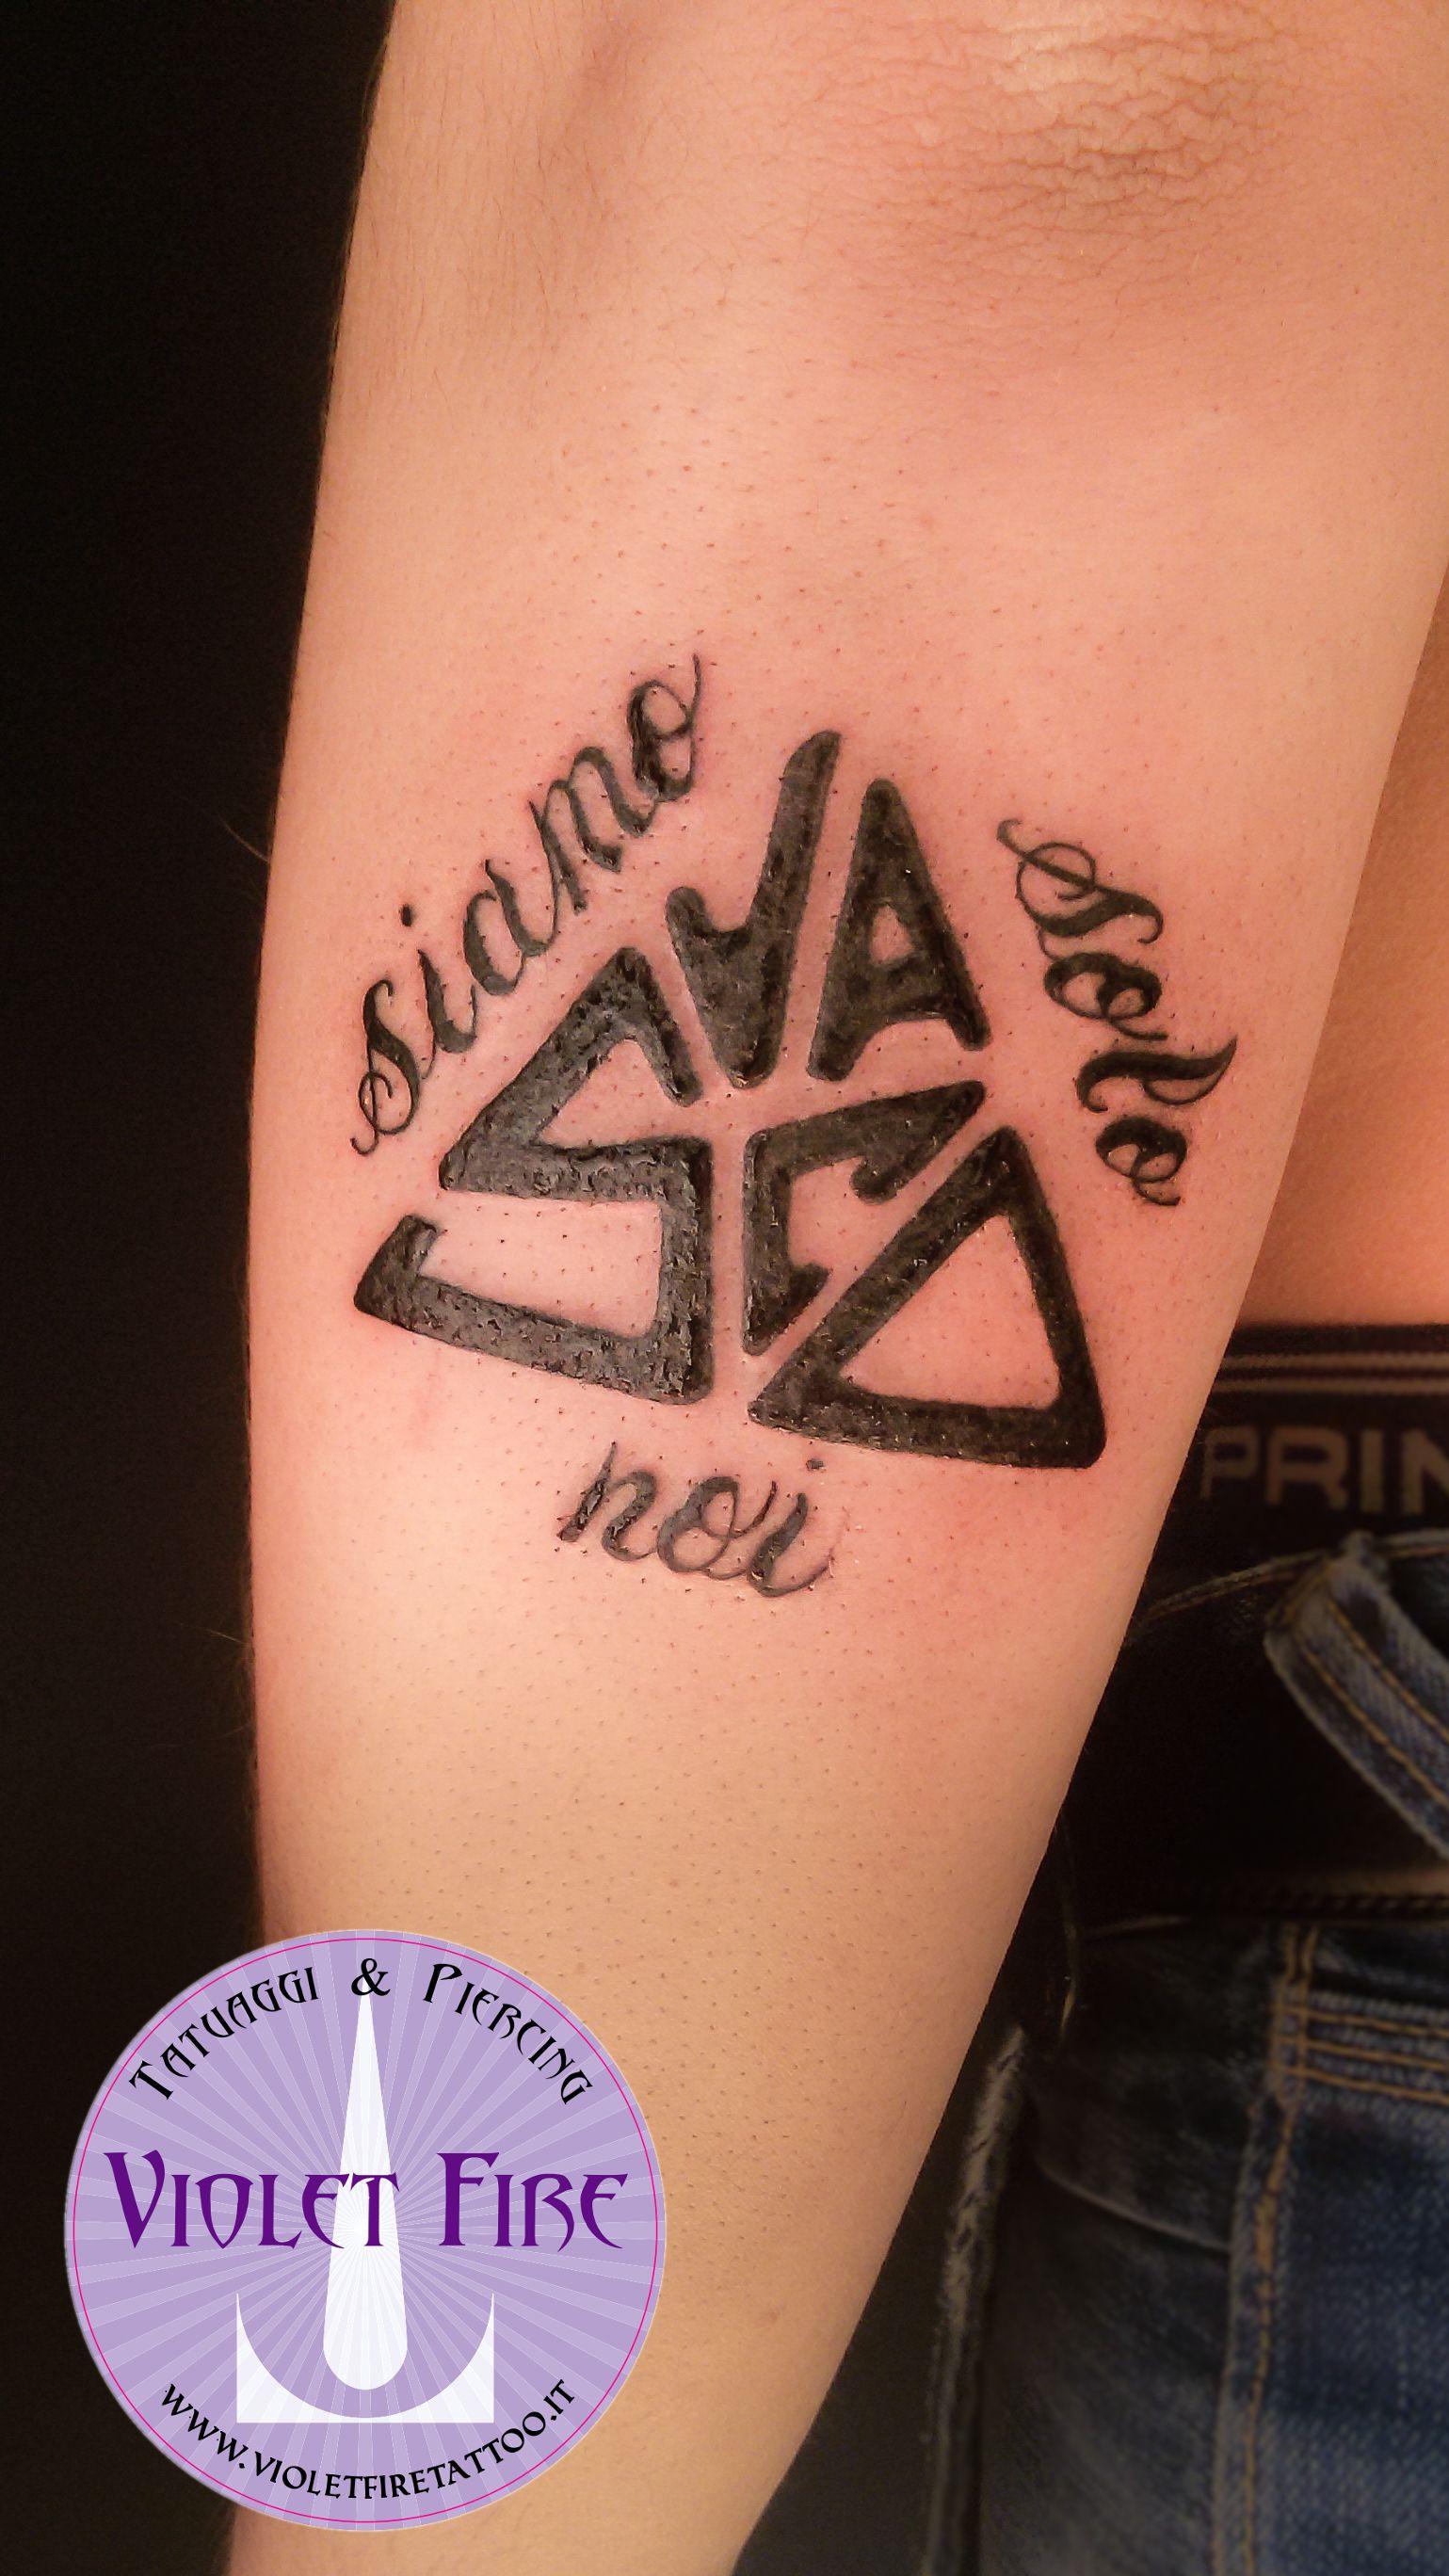 tatuaggio scritta Vasco Rossi logo triangolo Siamo Solo Noi corsivo su  bracci, tatuaggio siamo solo noi , tatuaggio vasco, tatuaggio triangolo,